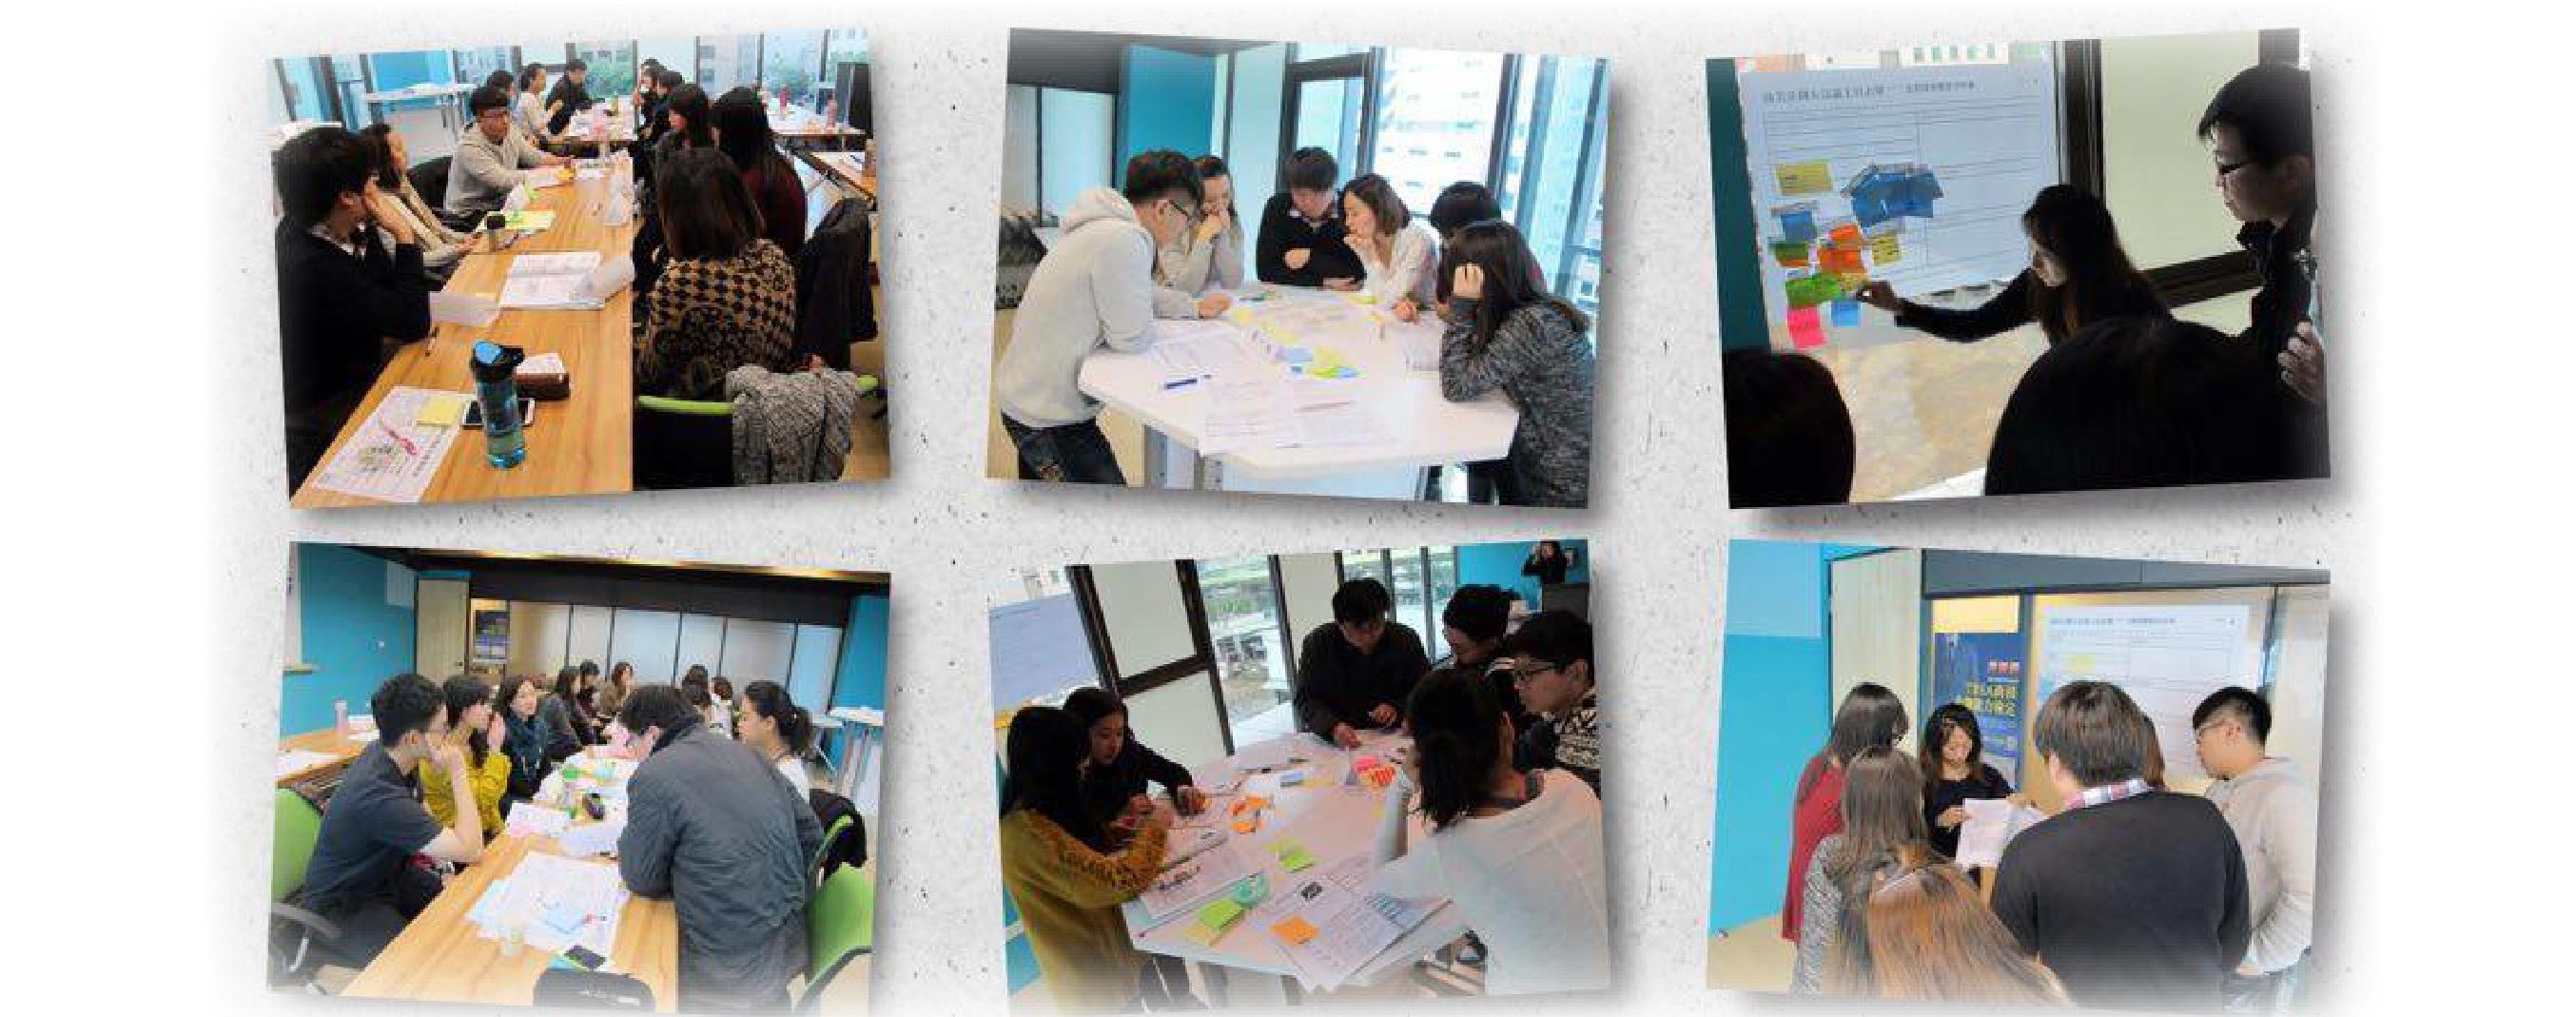 行銷企劃,企劃課程,行銷課程,價格,免費,推薦,企劃證照,企劃書